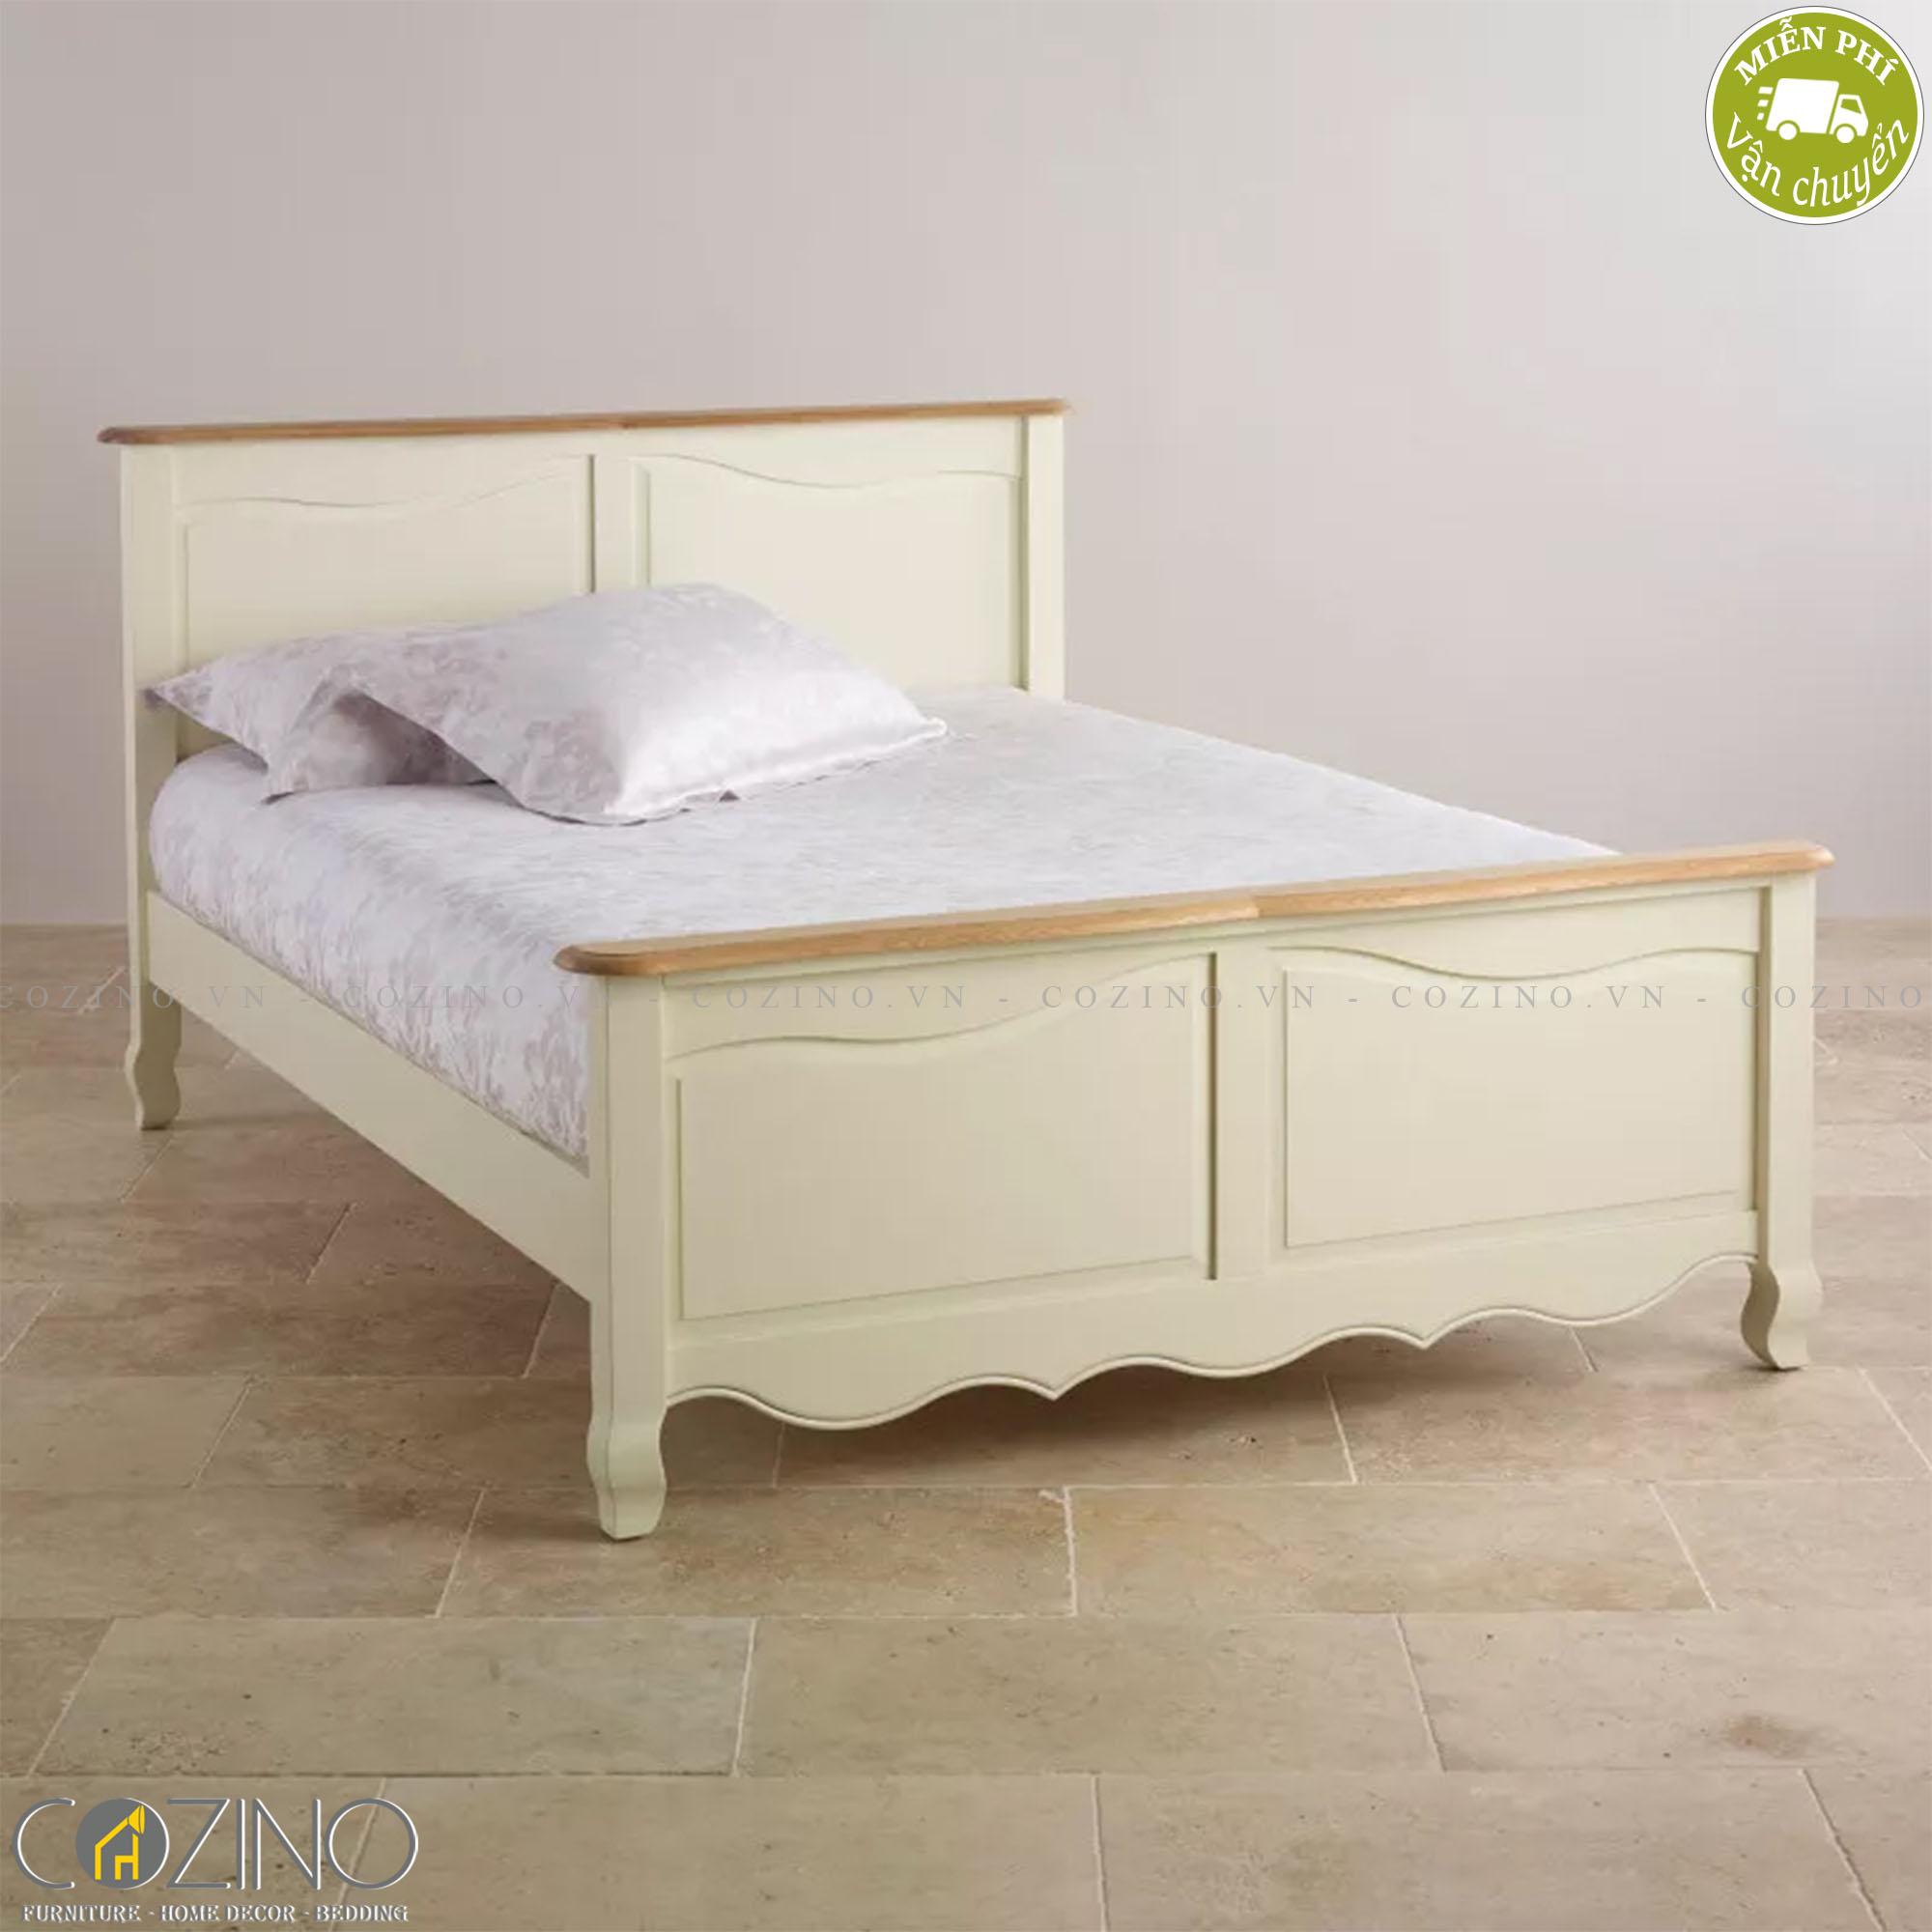 Giường đôi Skye 100% gỗ sồi 2m2 - cozino